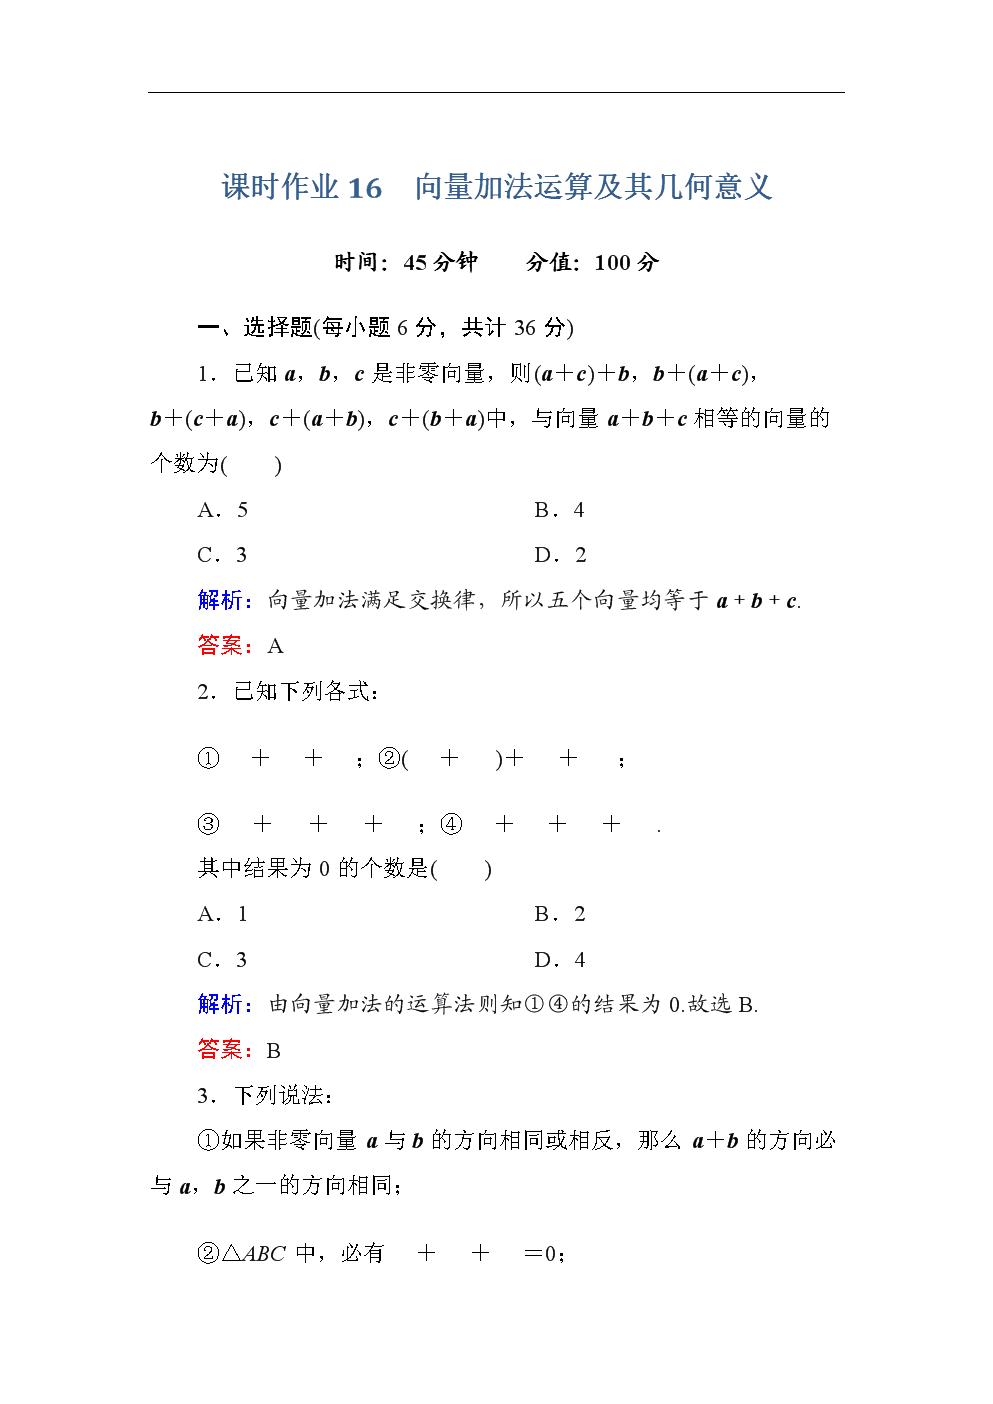 人教A版高中数学必修4课时作业16向量加法运算及其几何意义(附答案).doc